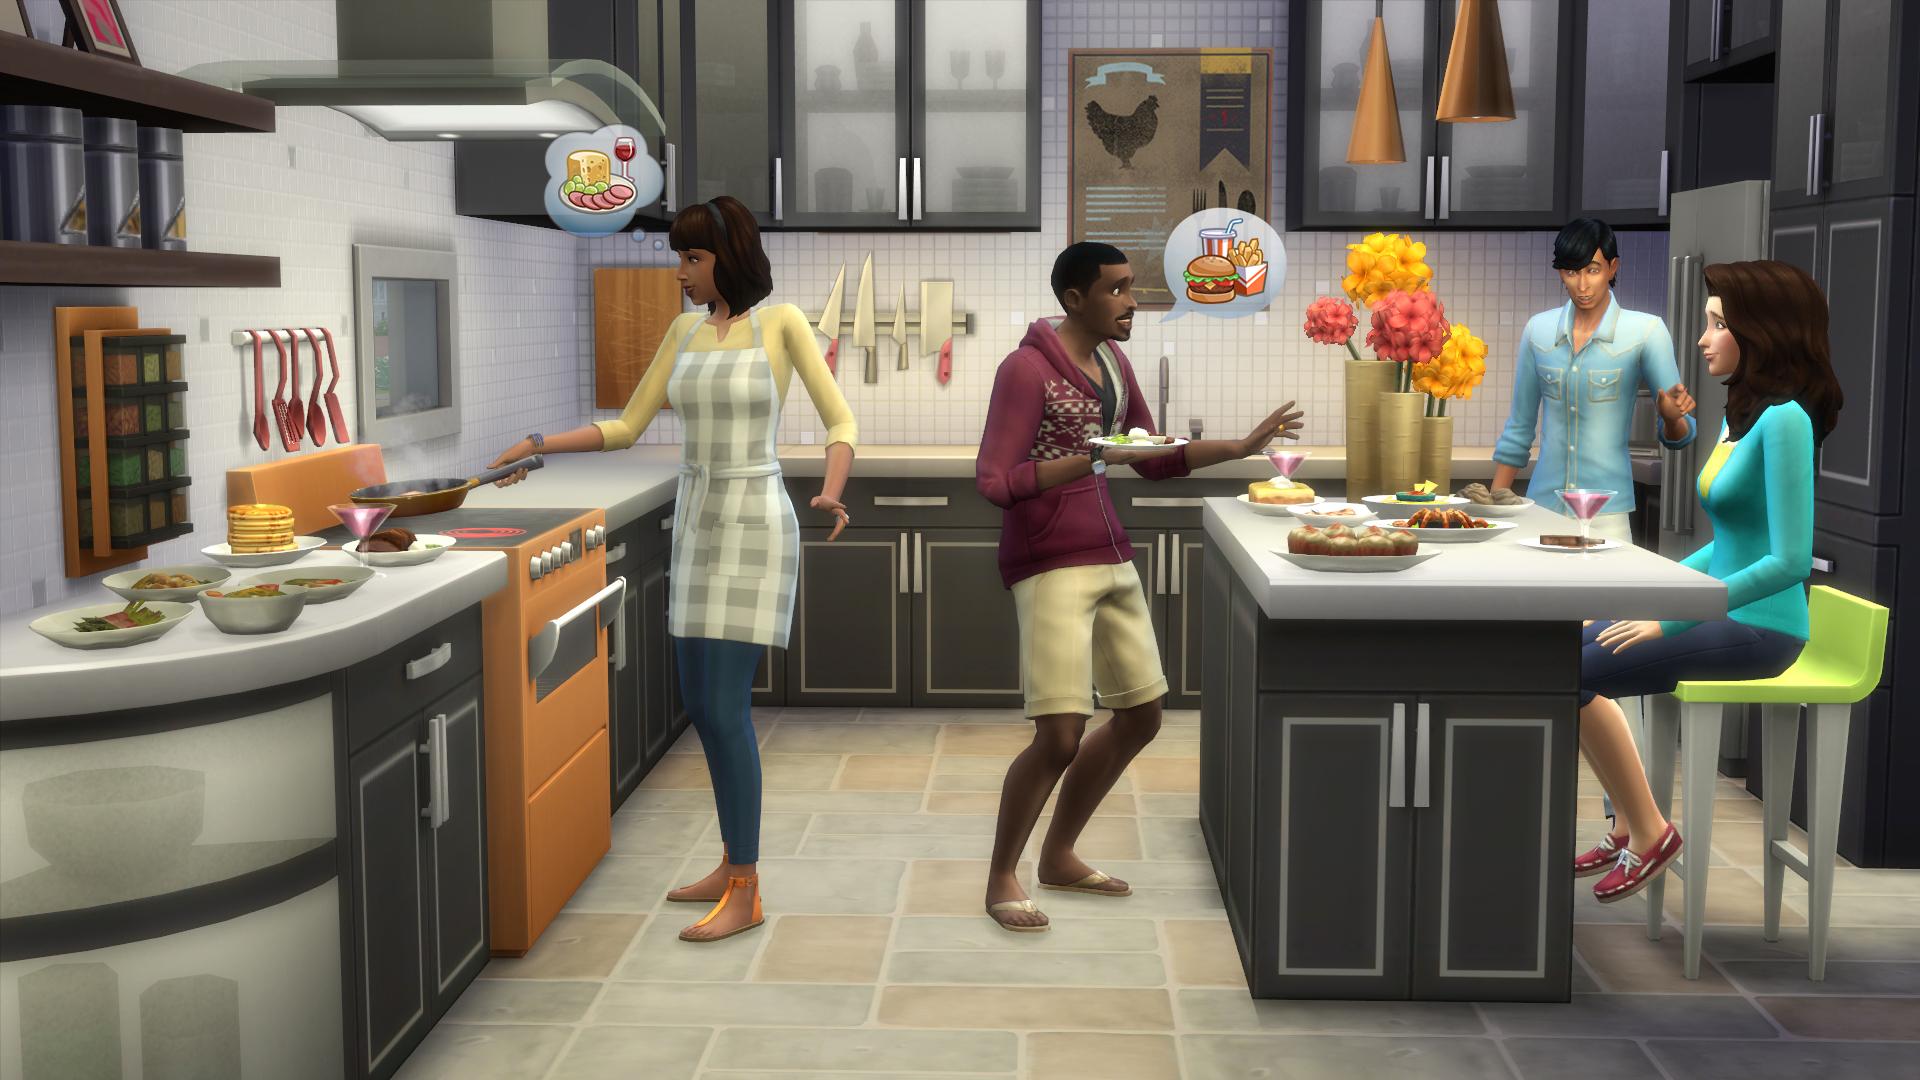 Coole Küchen die sims 4 coole küchen accessoires simtimes